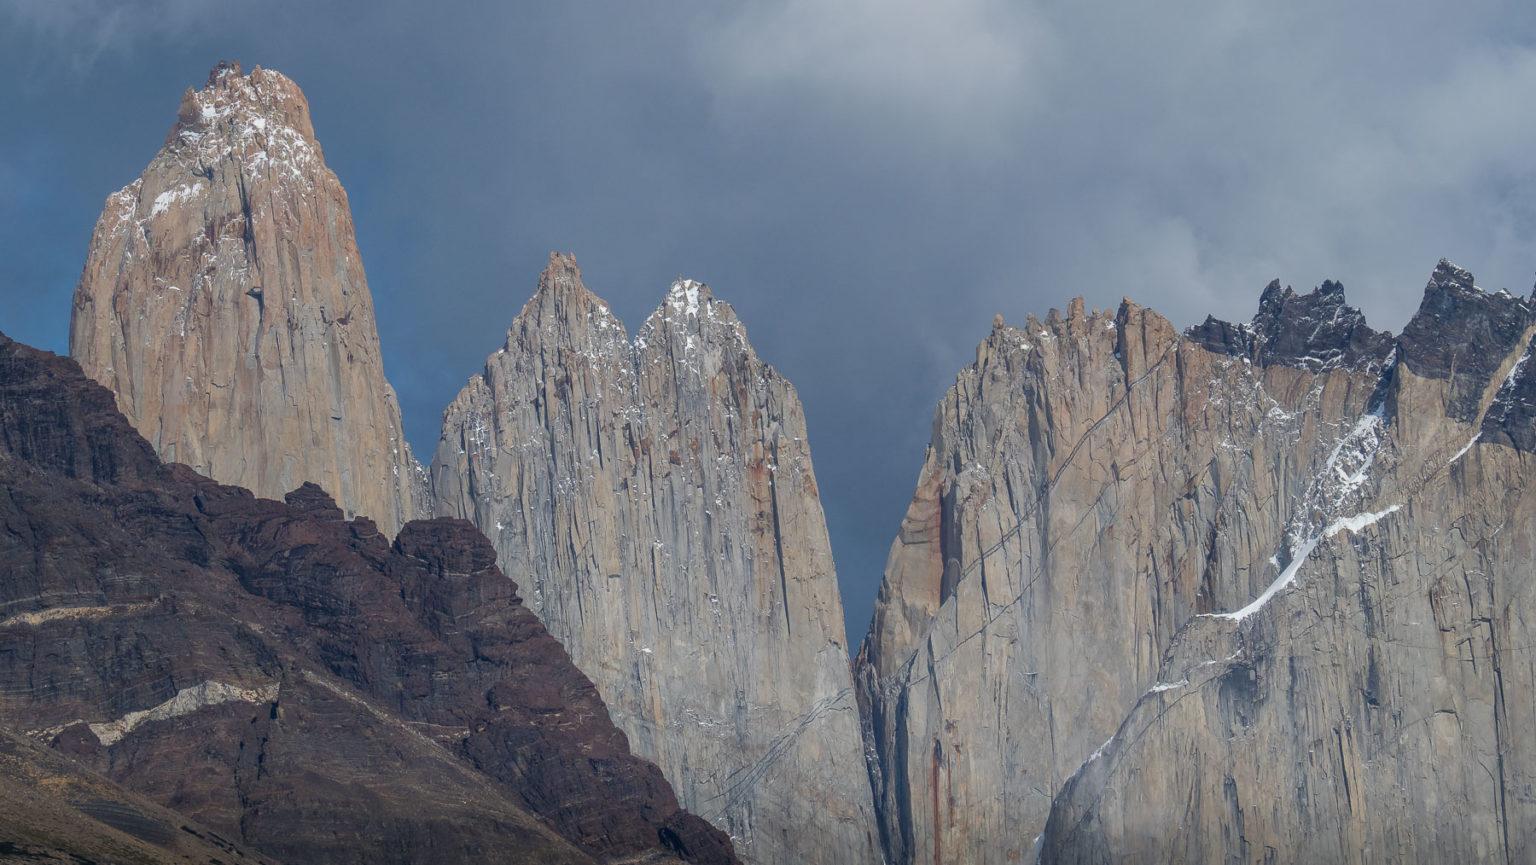 Die Wände der Torres del Paine von Norden aus